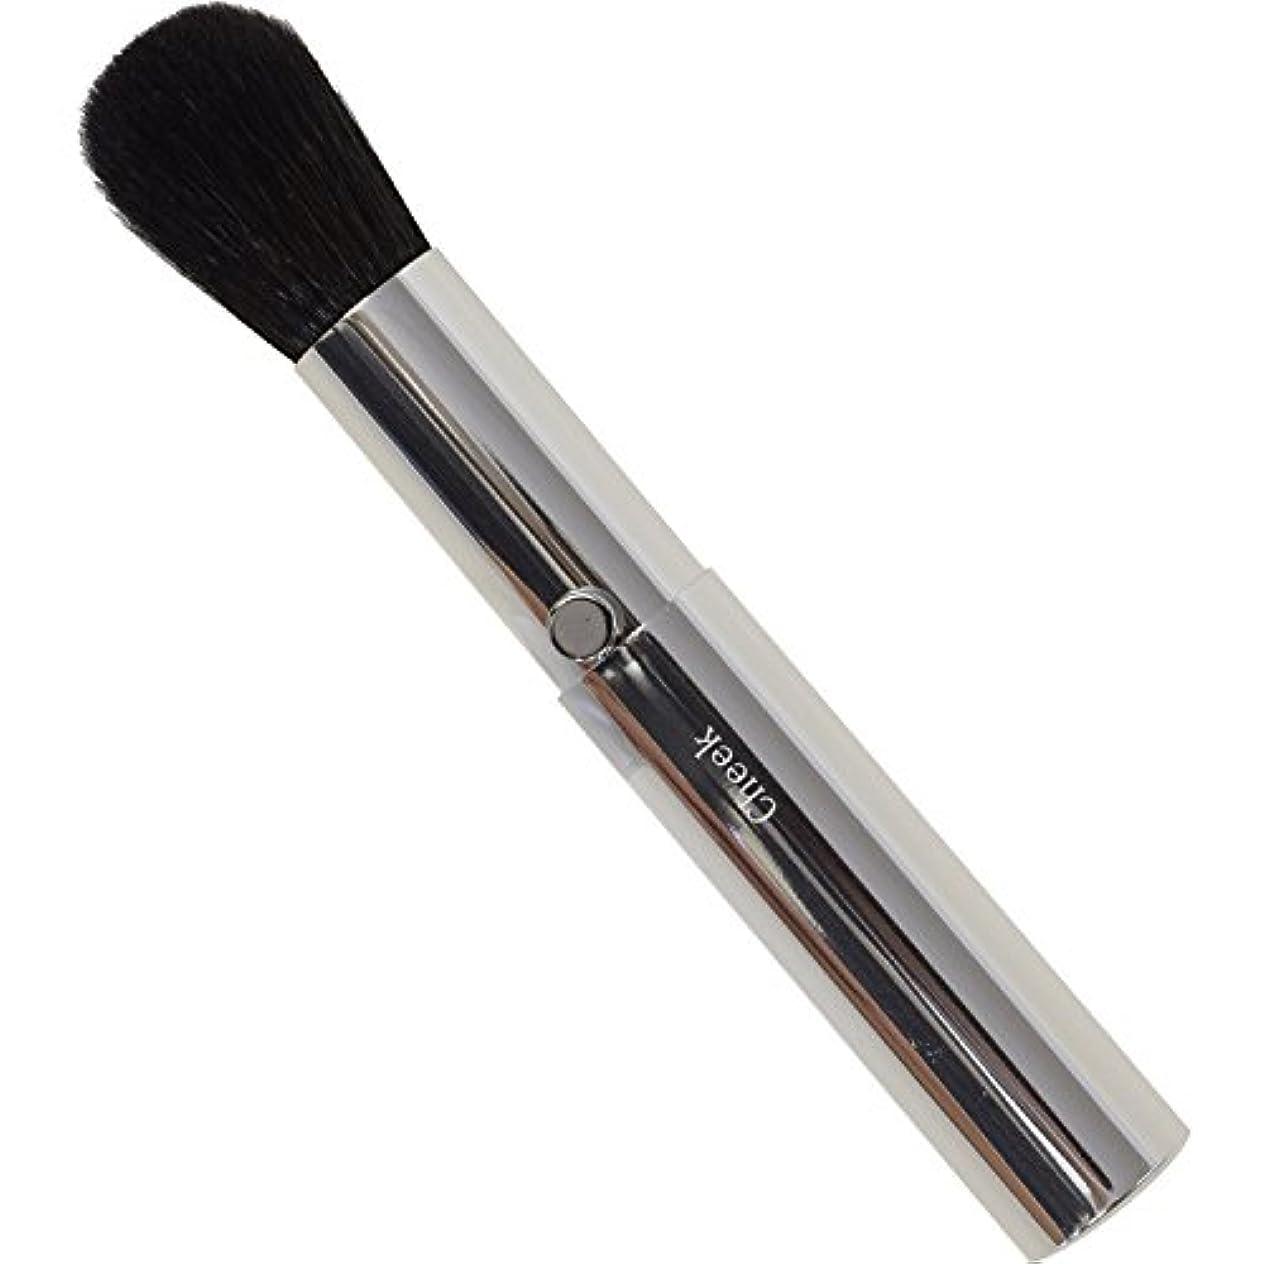 計算する顔料ひまわりSSS-C2 六角館さくら堂 スタイリッシュシンプルチークブラシ 粗光峰100% 高品質のスライドタイプ化粧筆